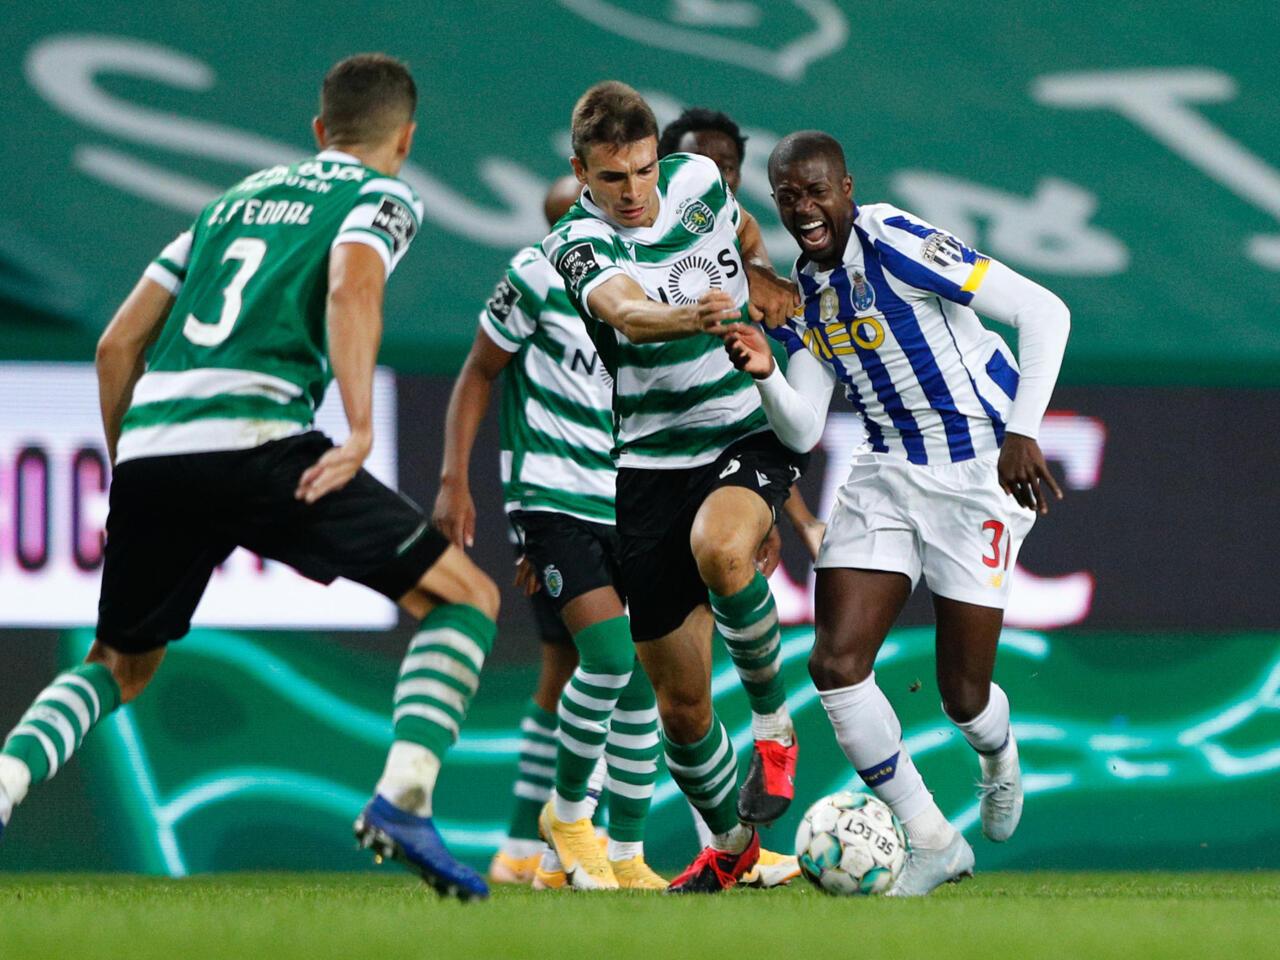 Futebol Fc Porto E Sporting Cp Empatam No 1 Classico Da Epoca